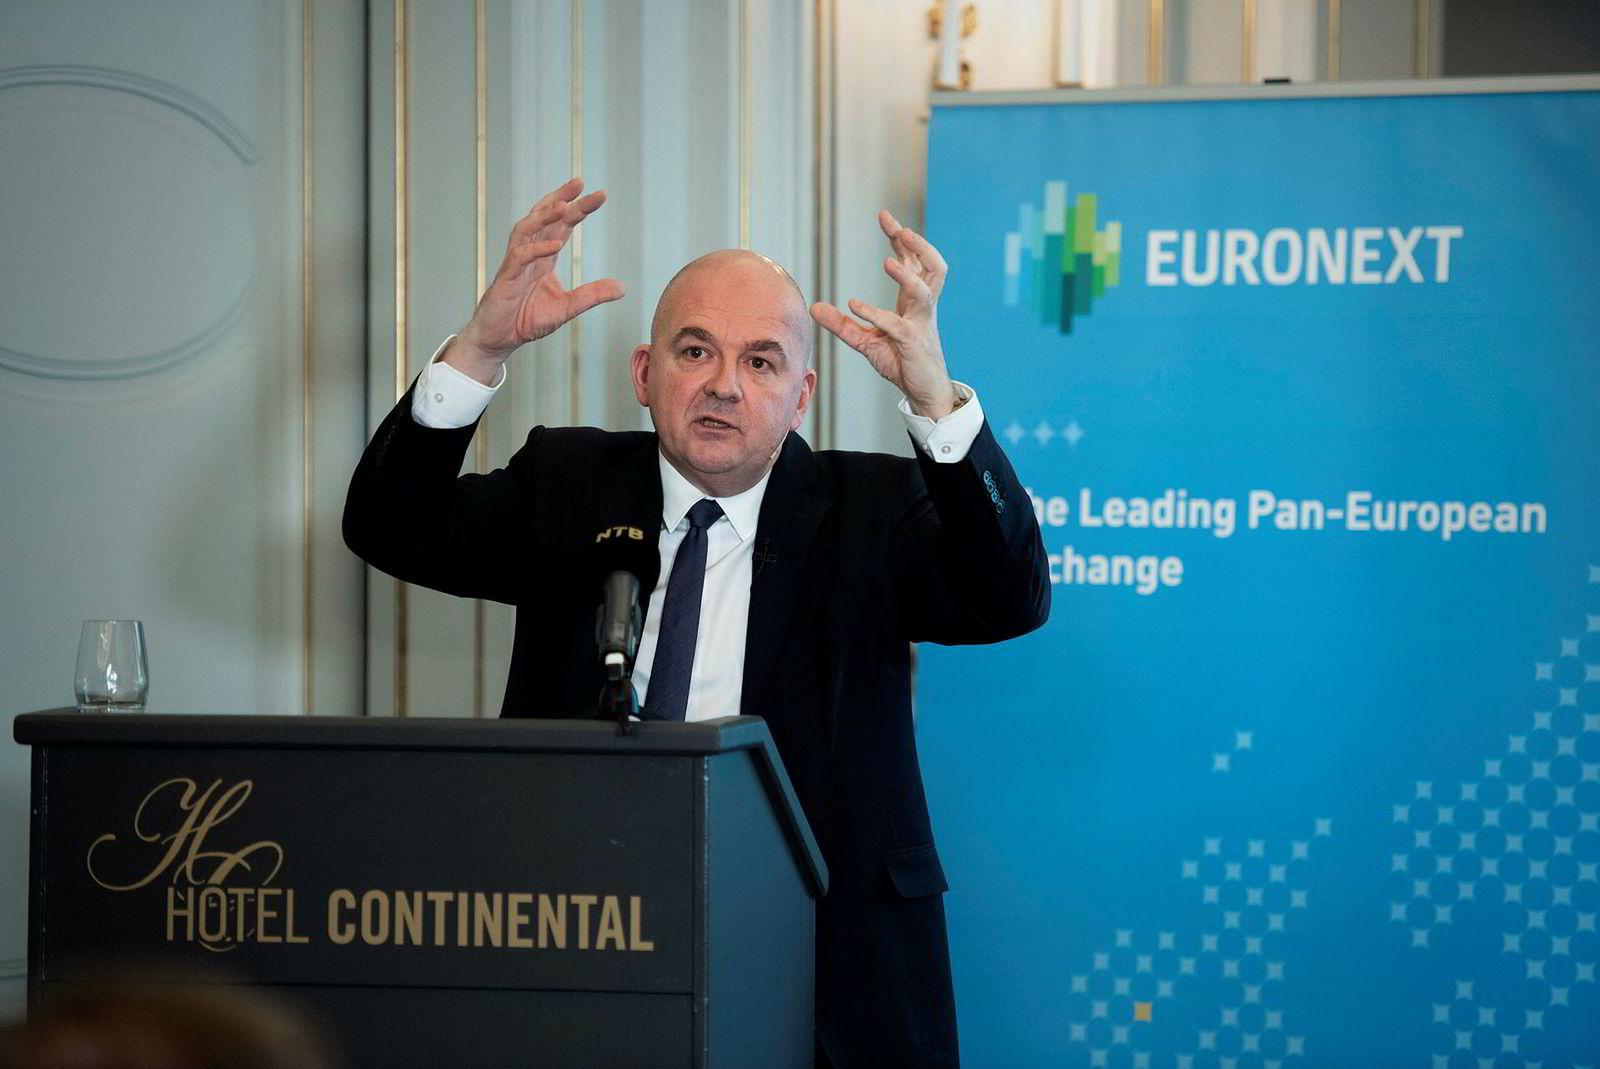 På en pressekonferanse mandag oppfordret Euronext-sjef Stéphane Boujnah alle til å sjekke, dobbeltsjekke og trippelsjekke faktum omkring Euronext i kampen om Oslo Børs.